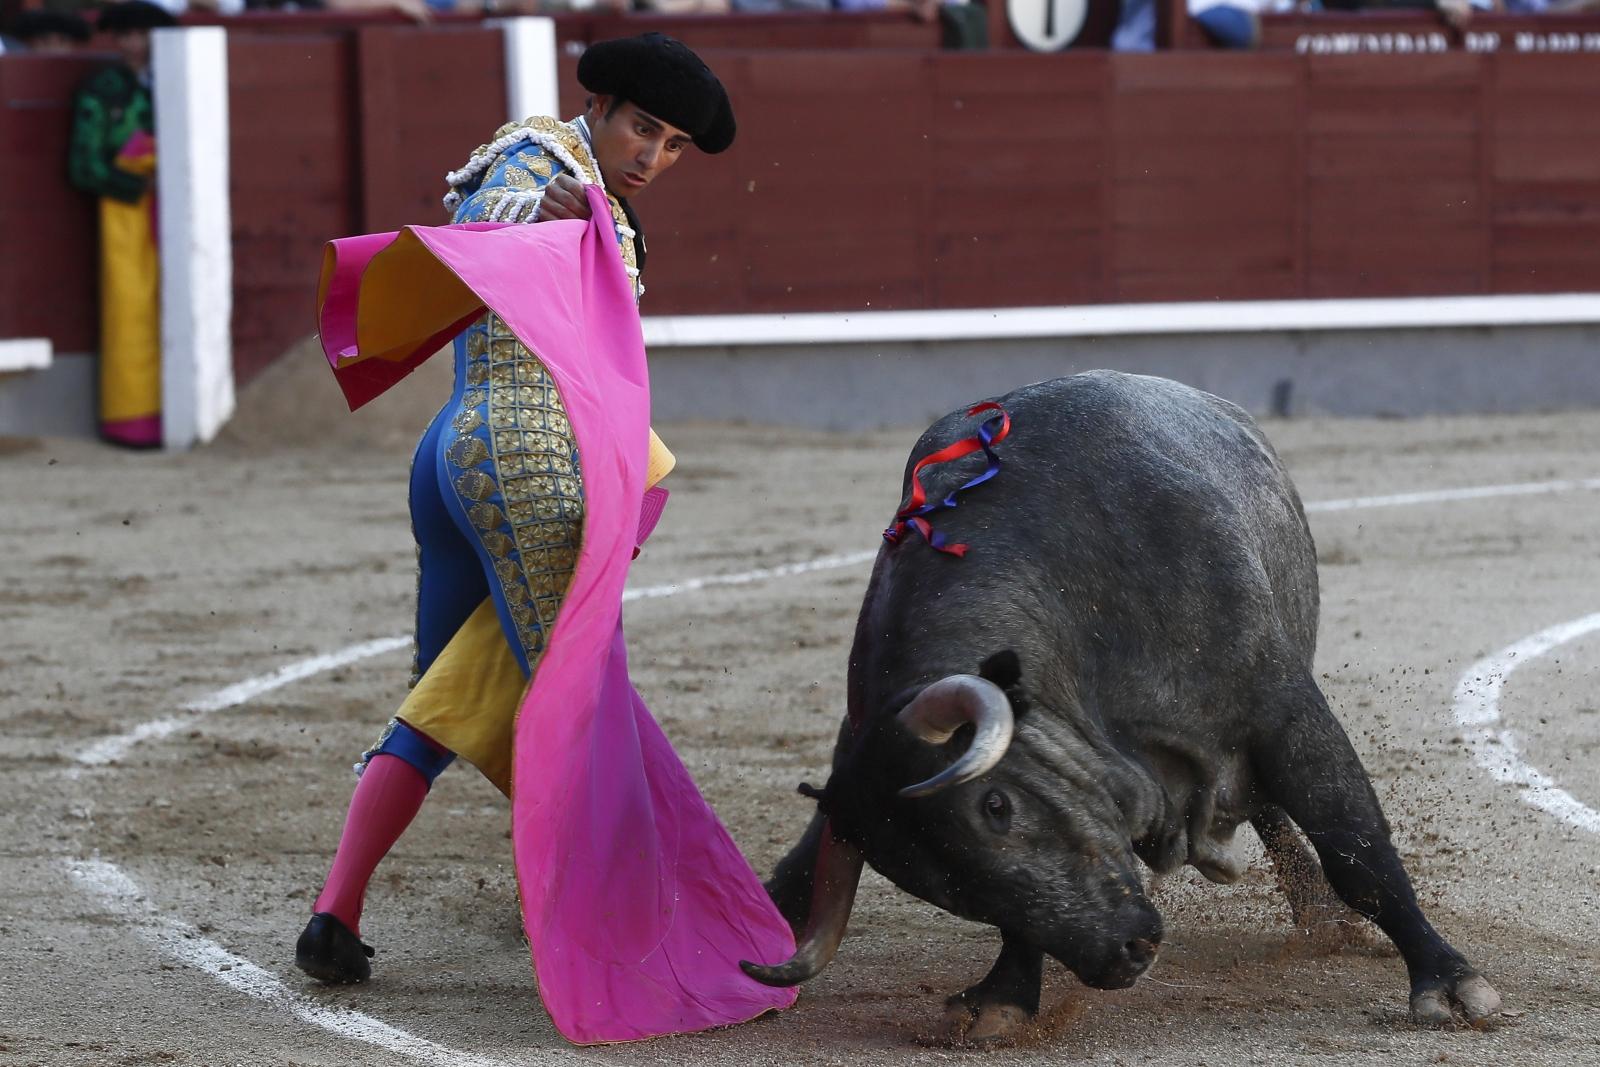 Hiszpański torreador walczy z bykiem, Madryt, Hiszpania.